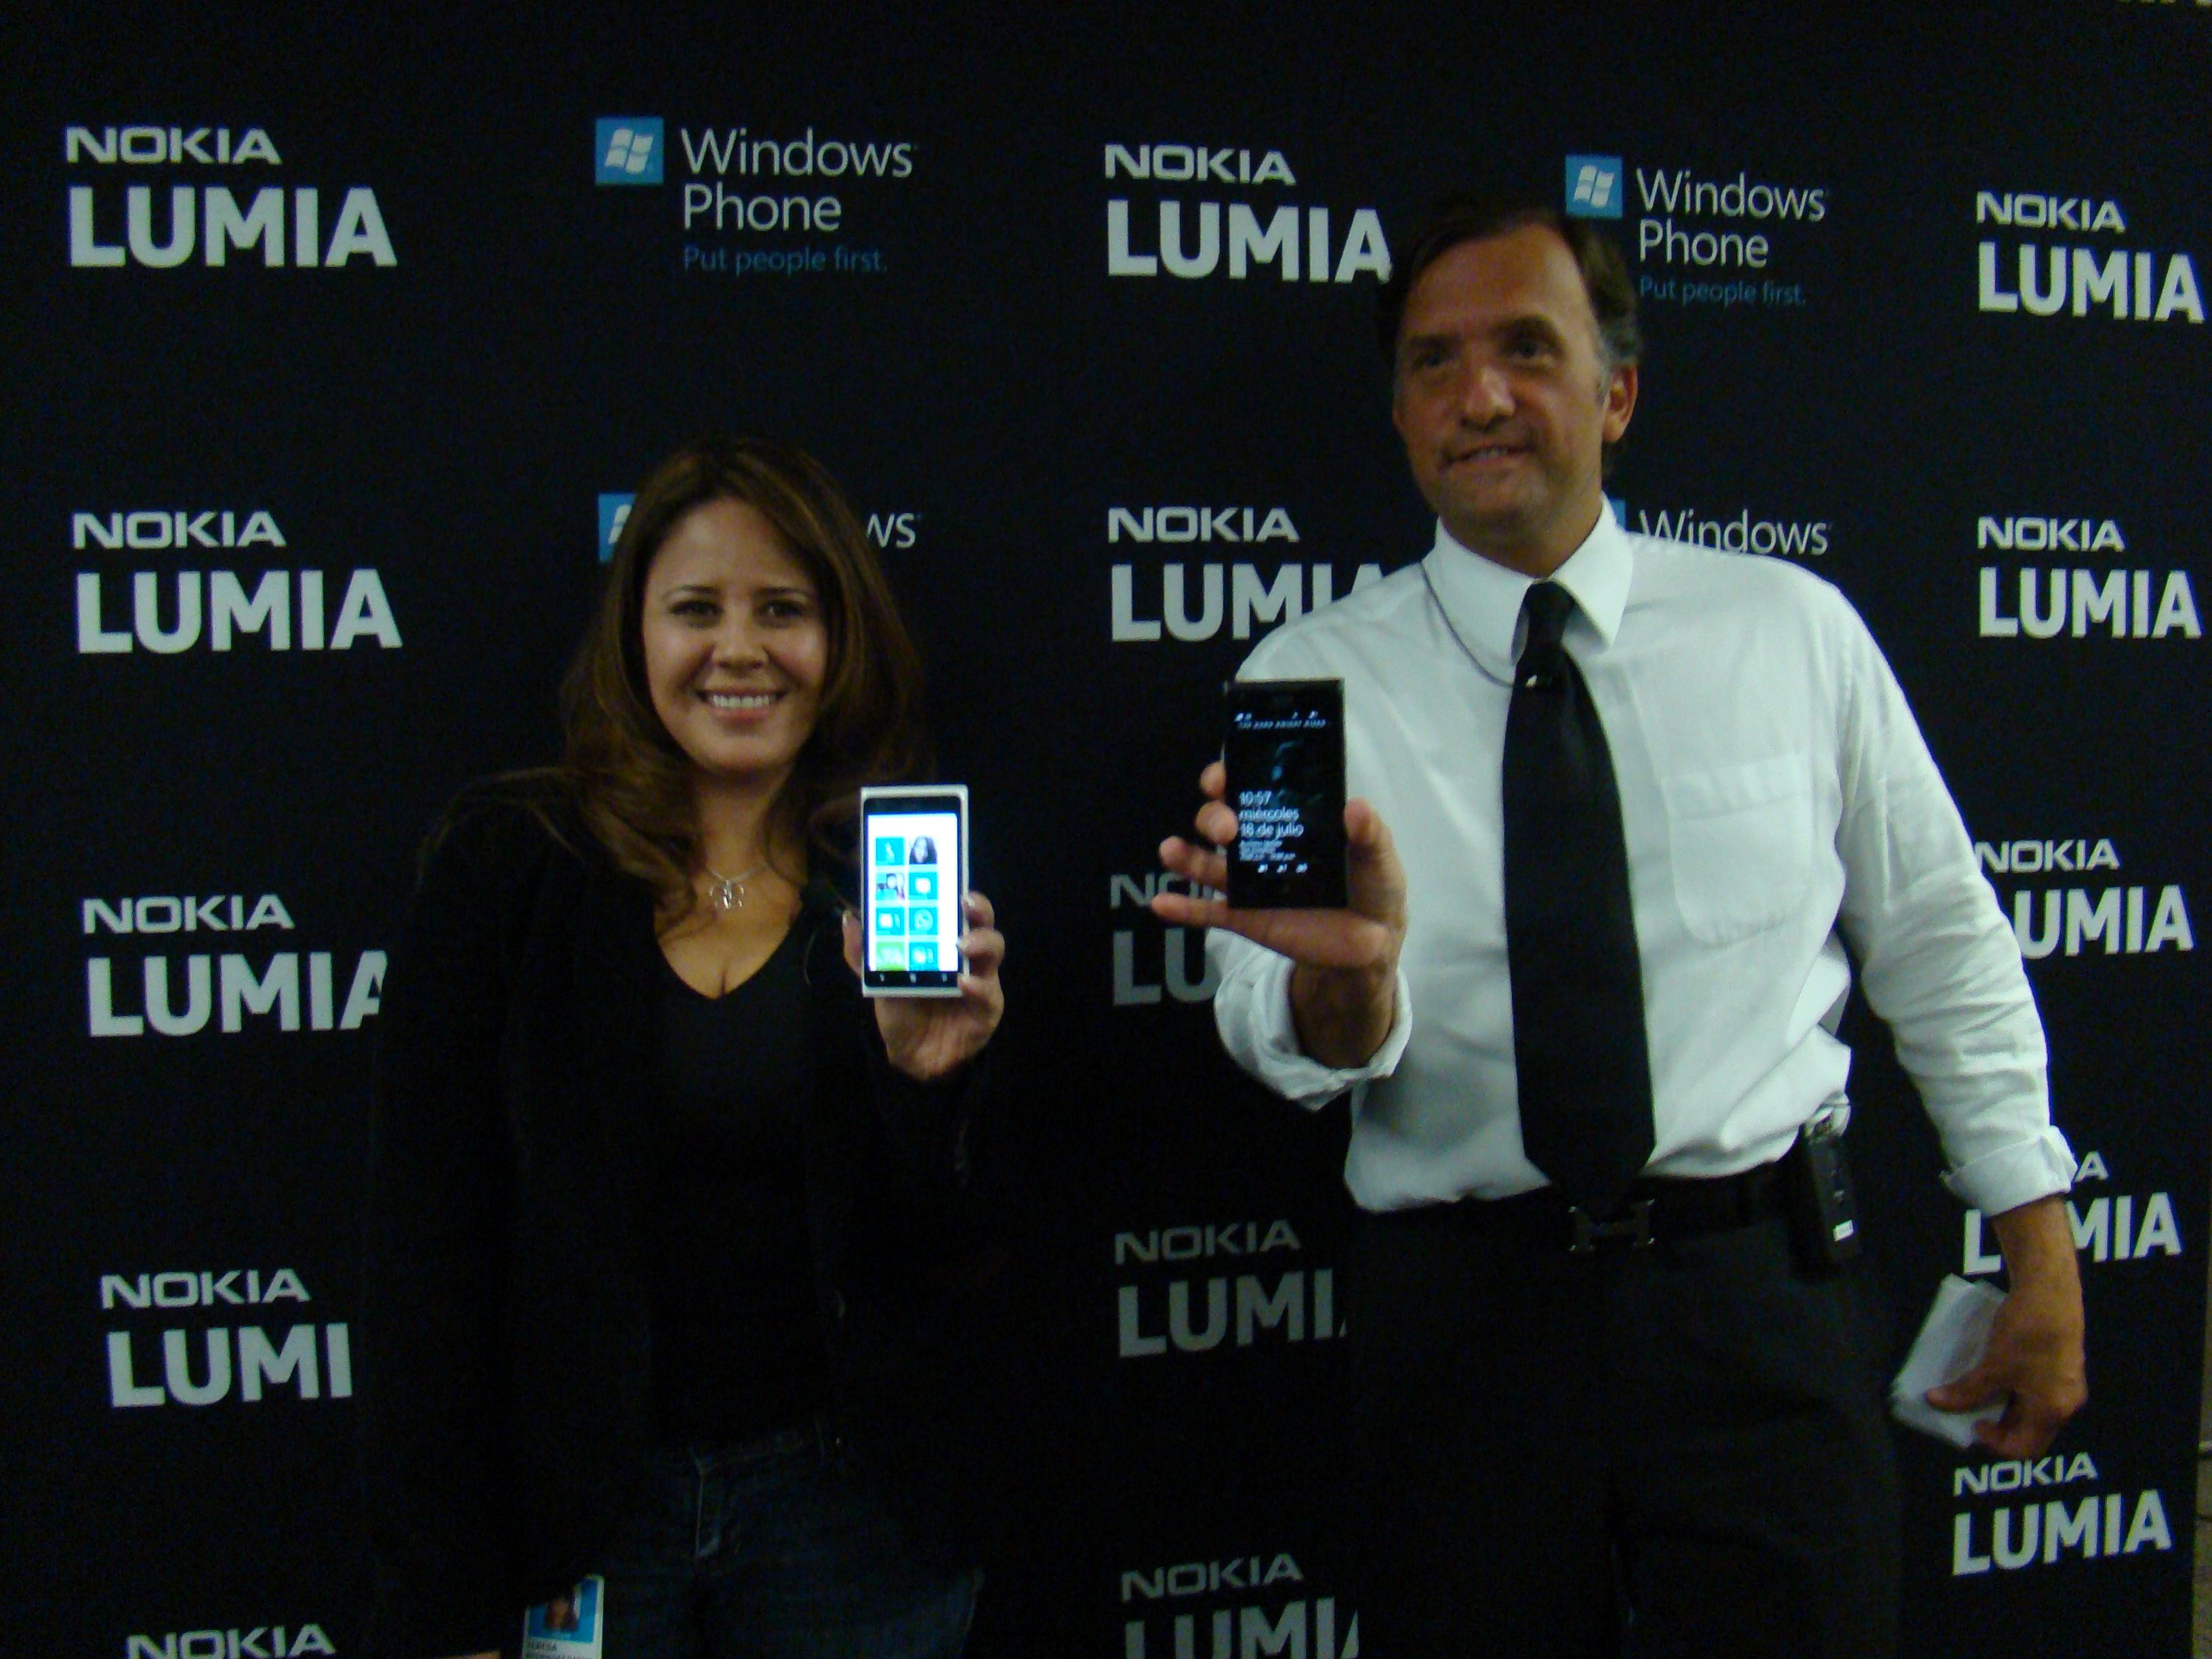 Nokia Lumia 900 10